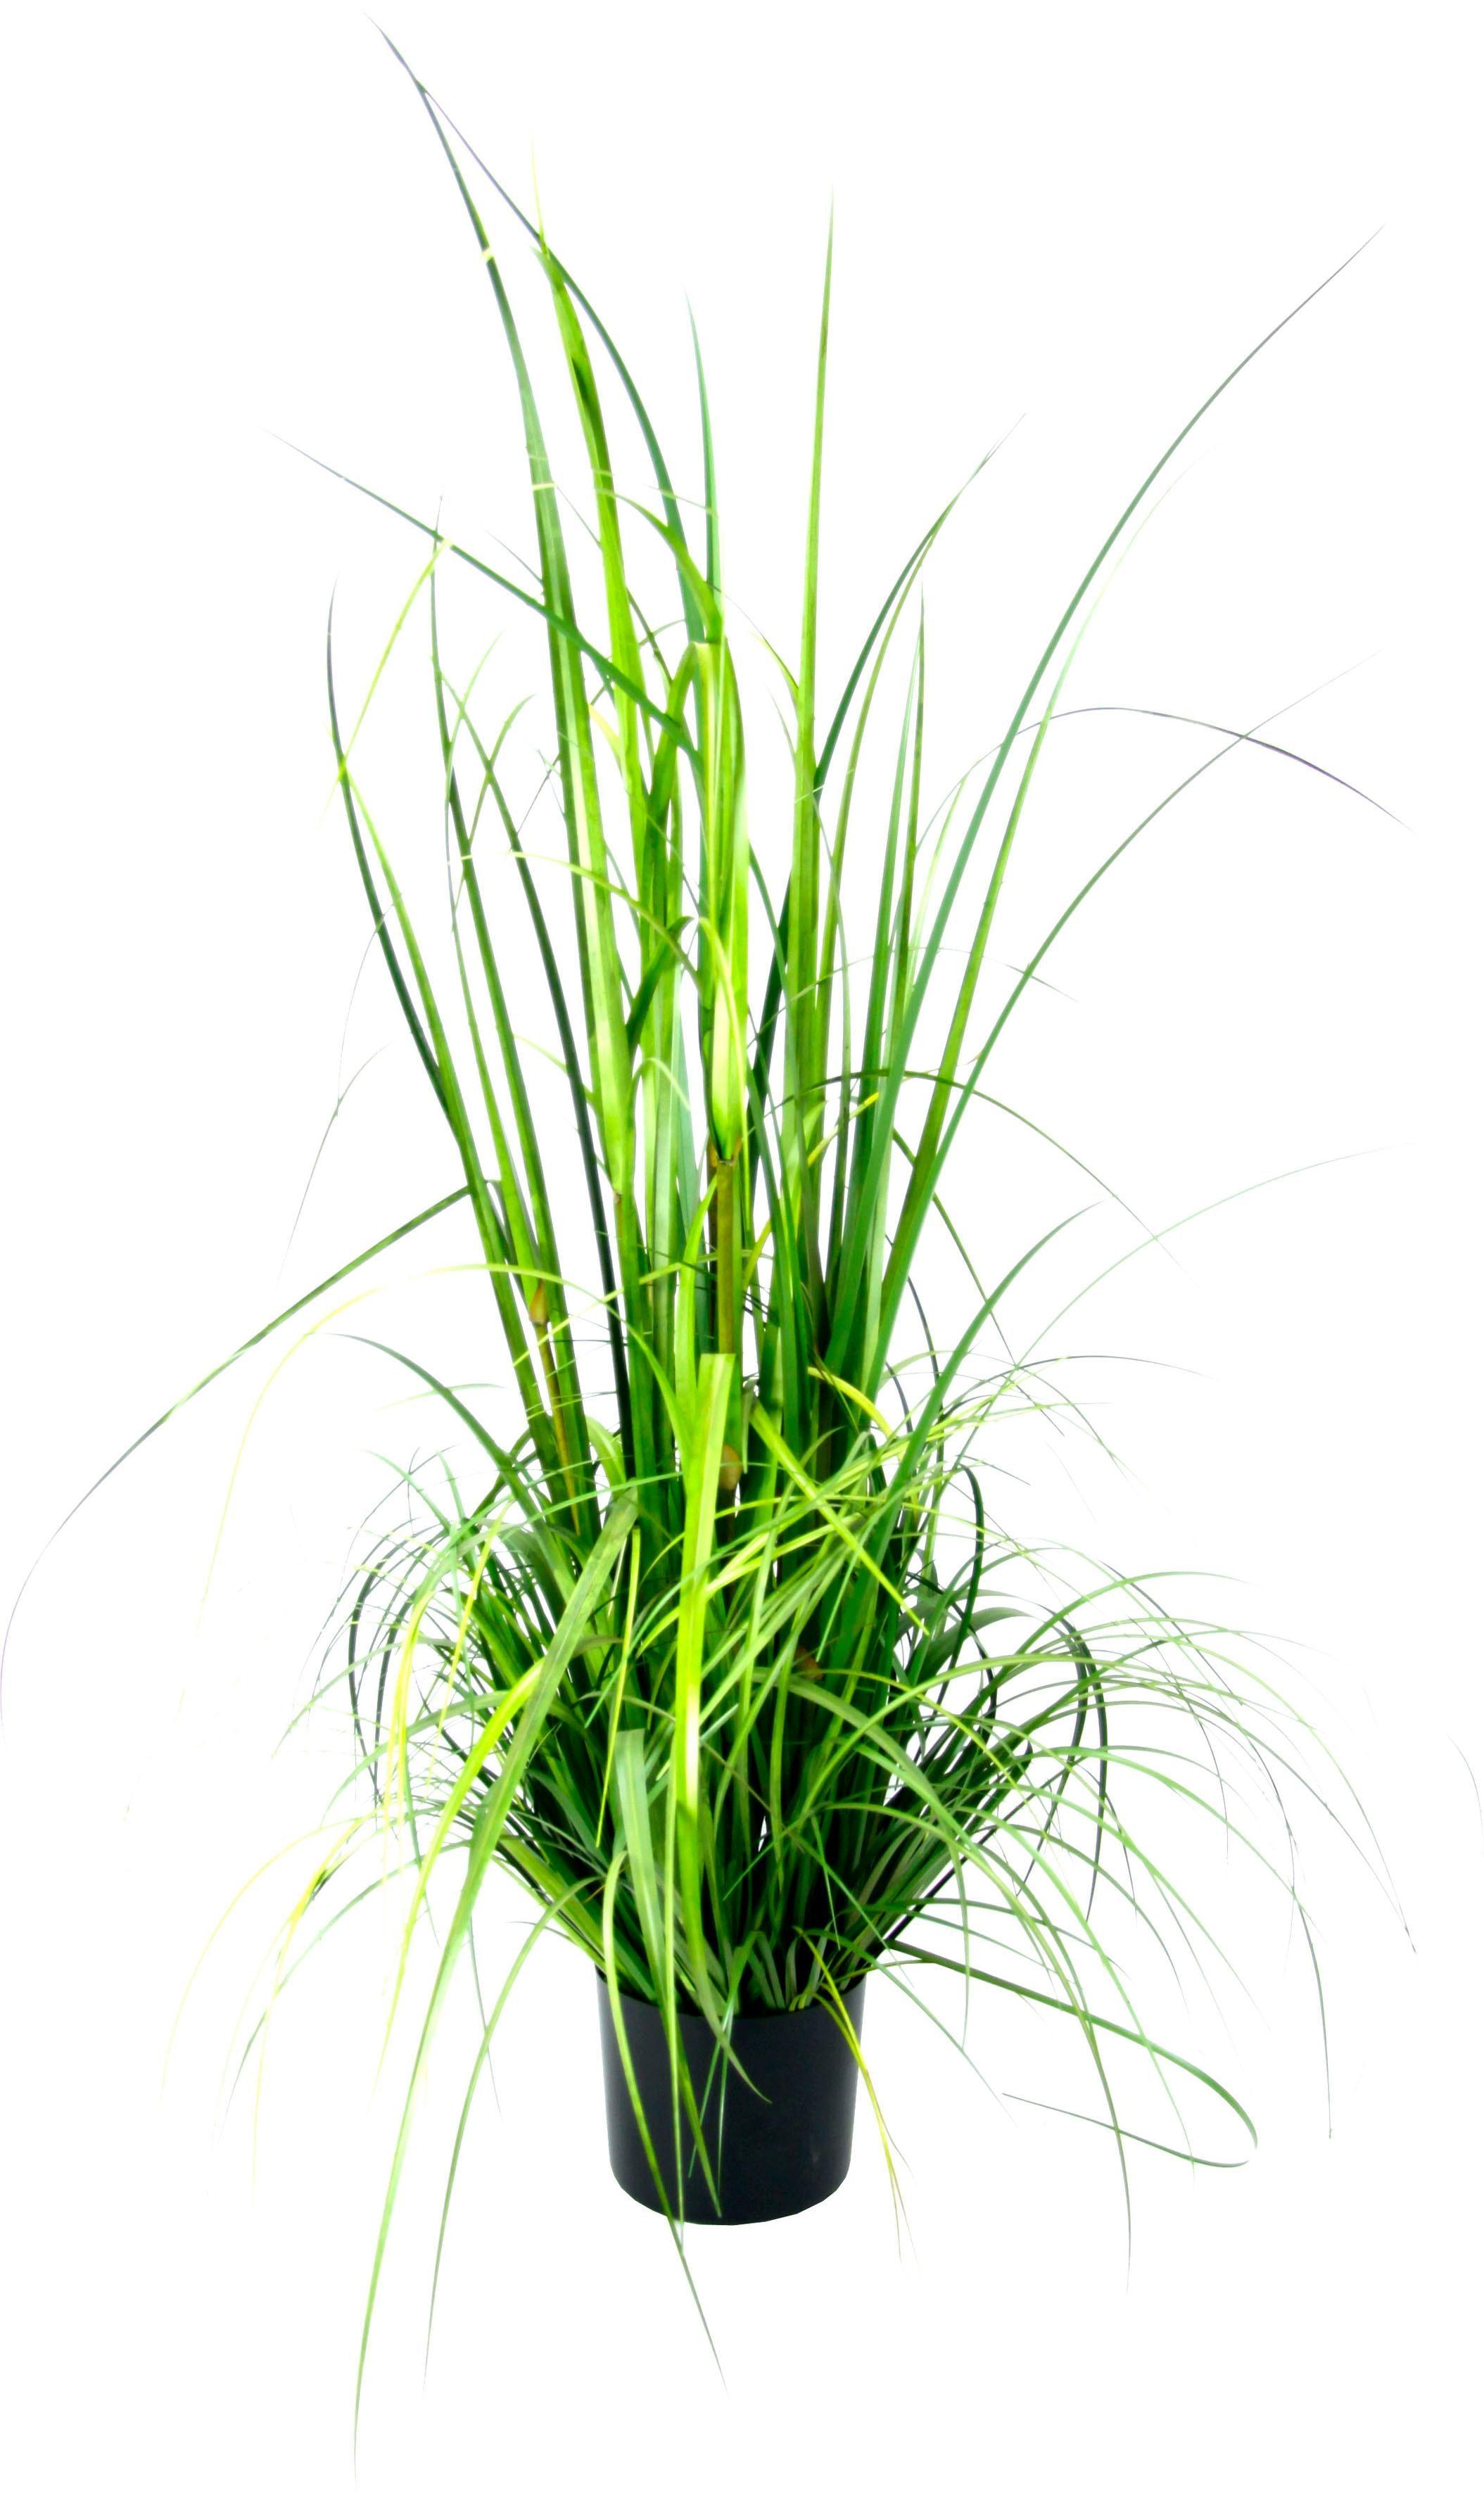 I.GE.A. Kunstpflanze Gras im Topf grün Künstliche Zimmerpflanzen Kunstpflanzen Wohnaccessoires